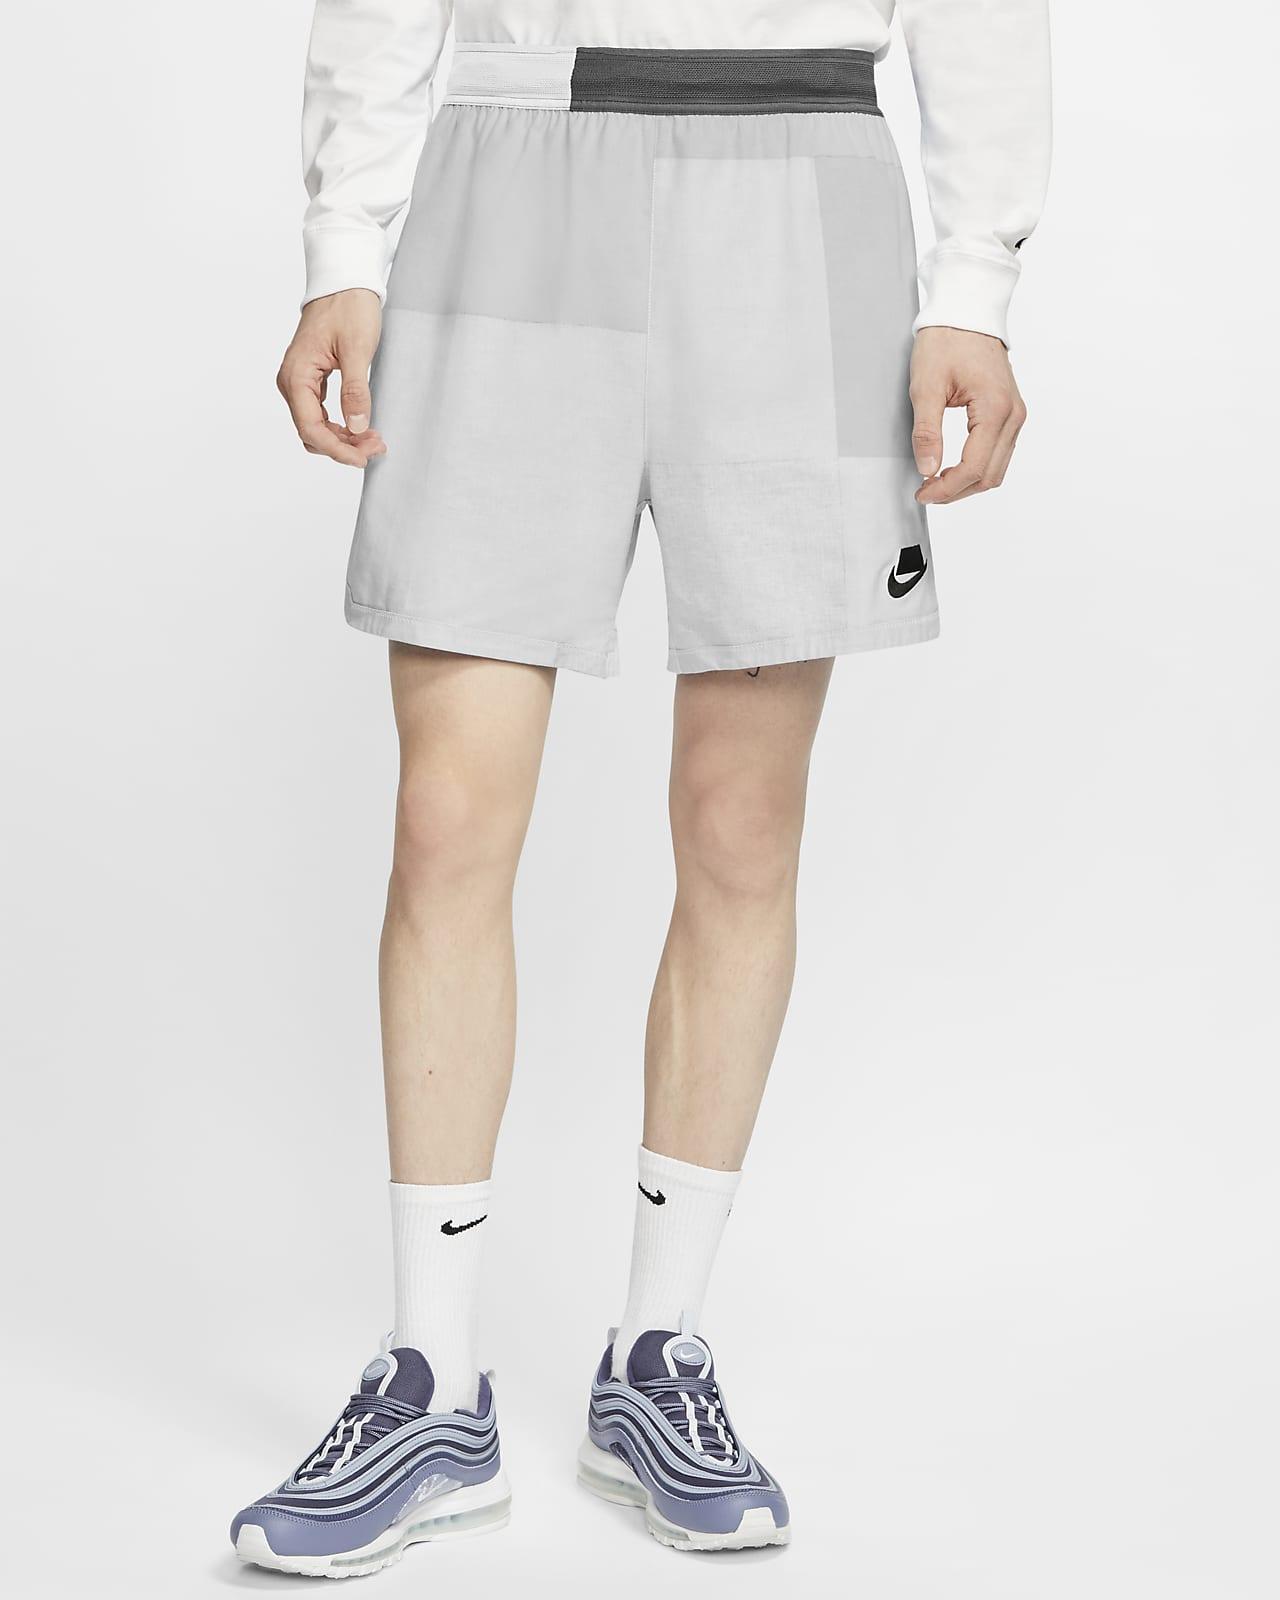 ナイキ スポーツウェア NSW メンズ ウーブン ショートパンツ